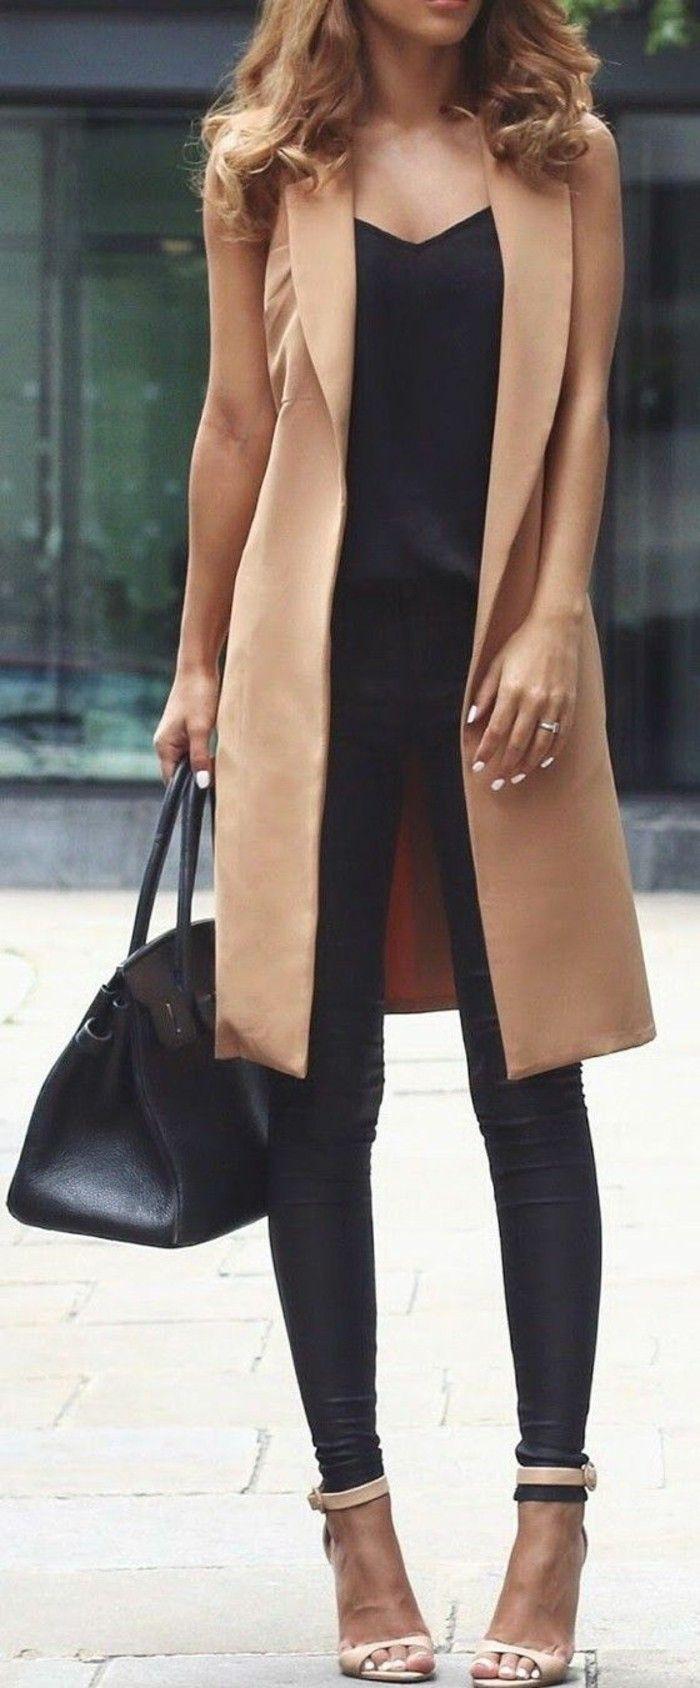 Bien-aimé ▷ 1001+ idées inspiratrices pour être une femme bien habillée  BS48